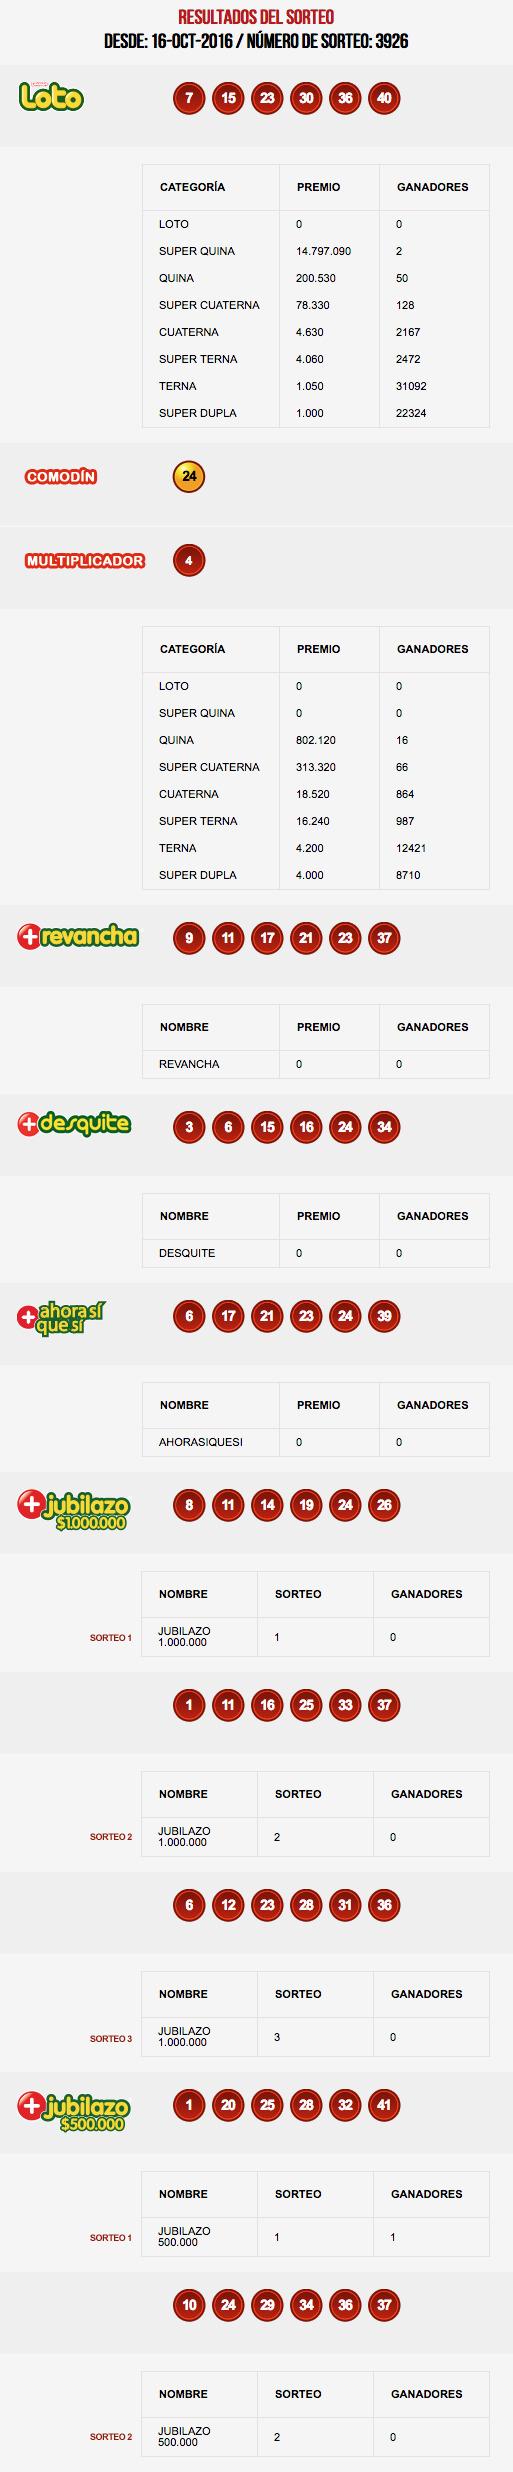 resultados-loto-chile-sorteo-3926